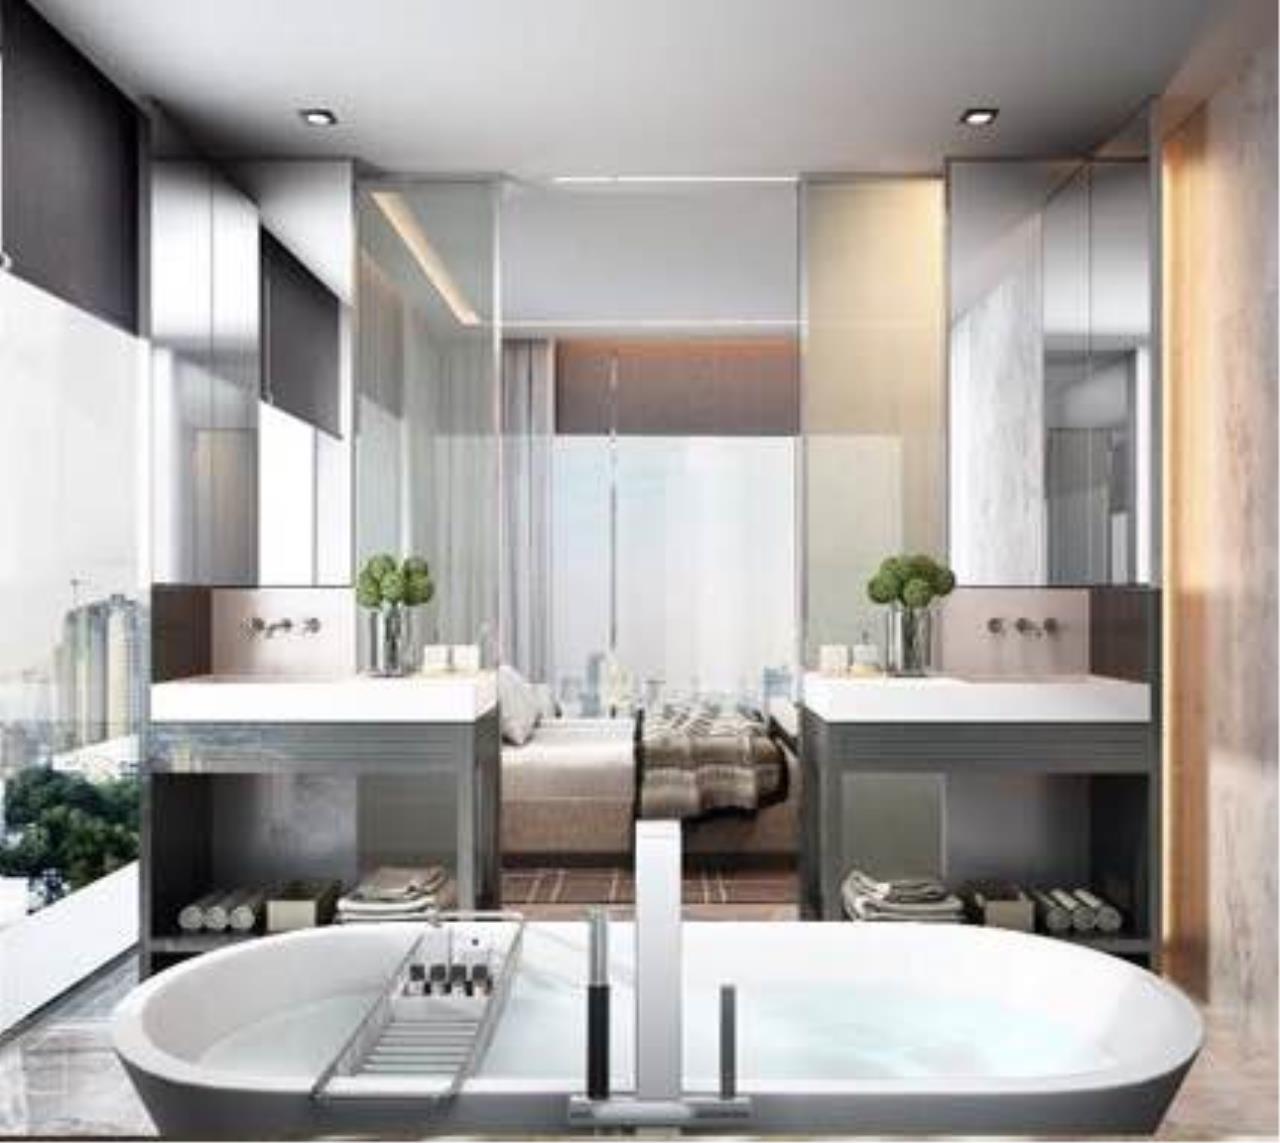 BKK Condos Agency's 3 bedroom condo for sale in good location at Circle Sukhumvit 11  1